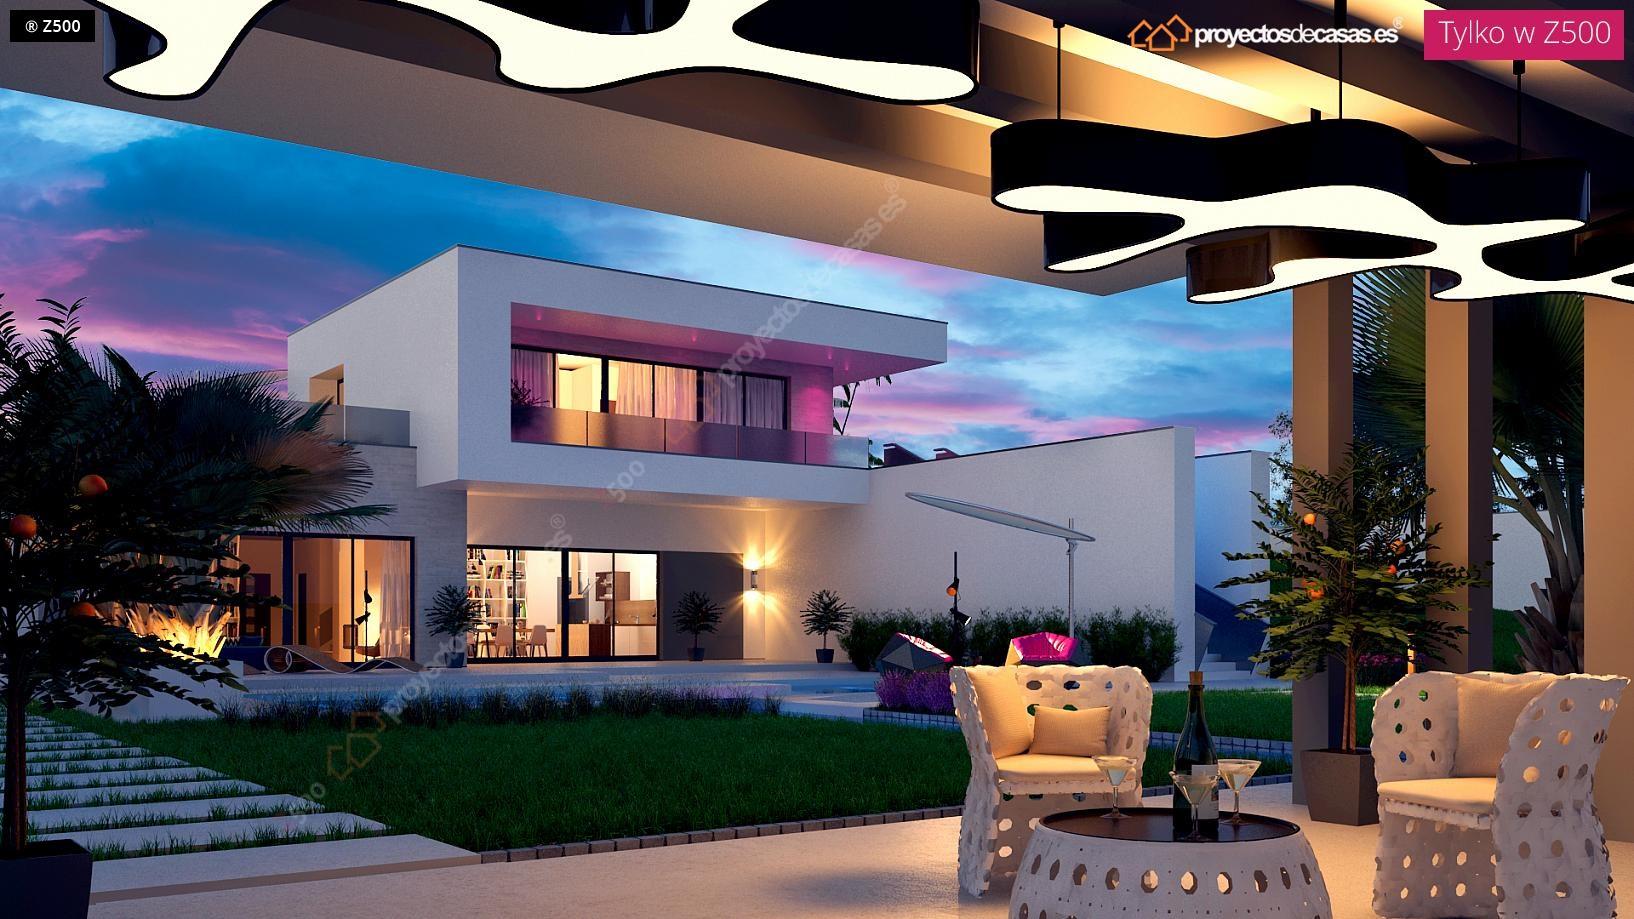 Proyectos de casas casa moderna con piscina for Casa moderna 2017 udine orari